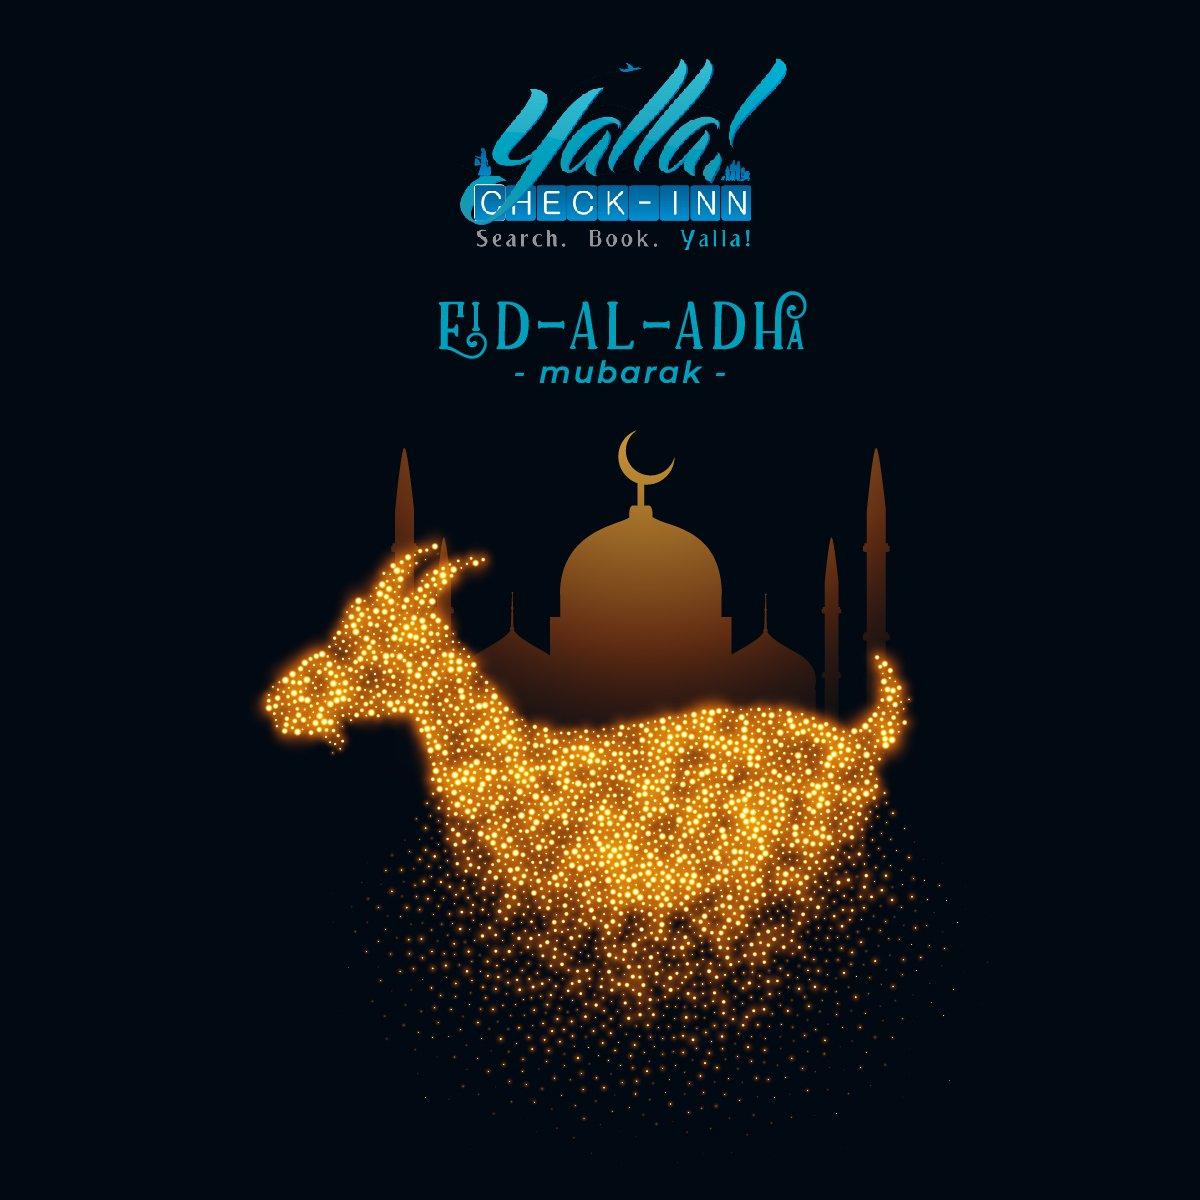 Eid Al Adha Mubarak https://t.co/tPzpWDiq9B